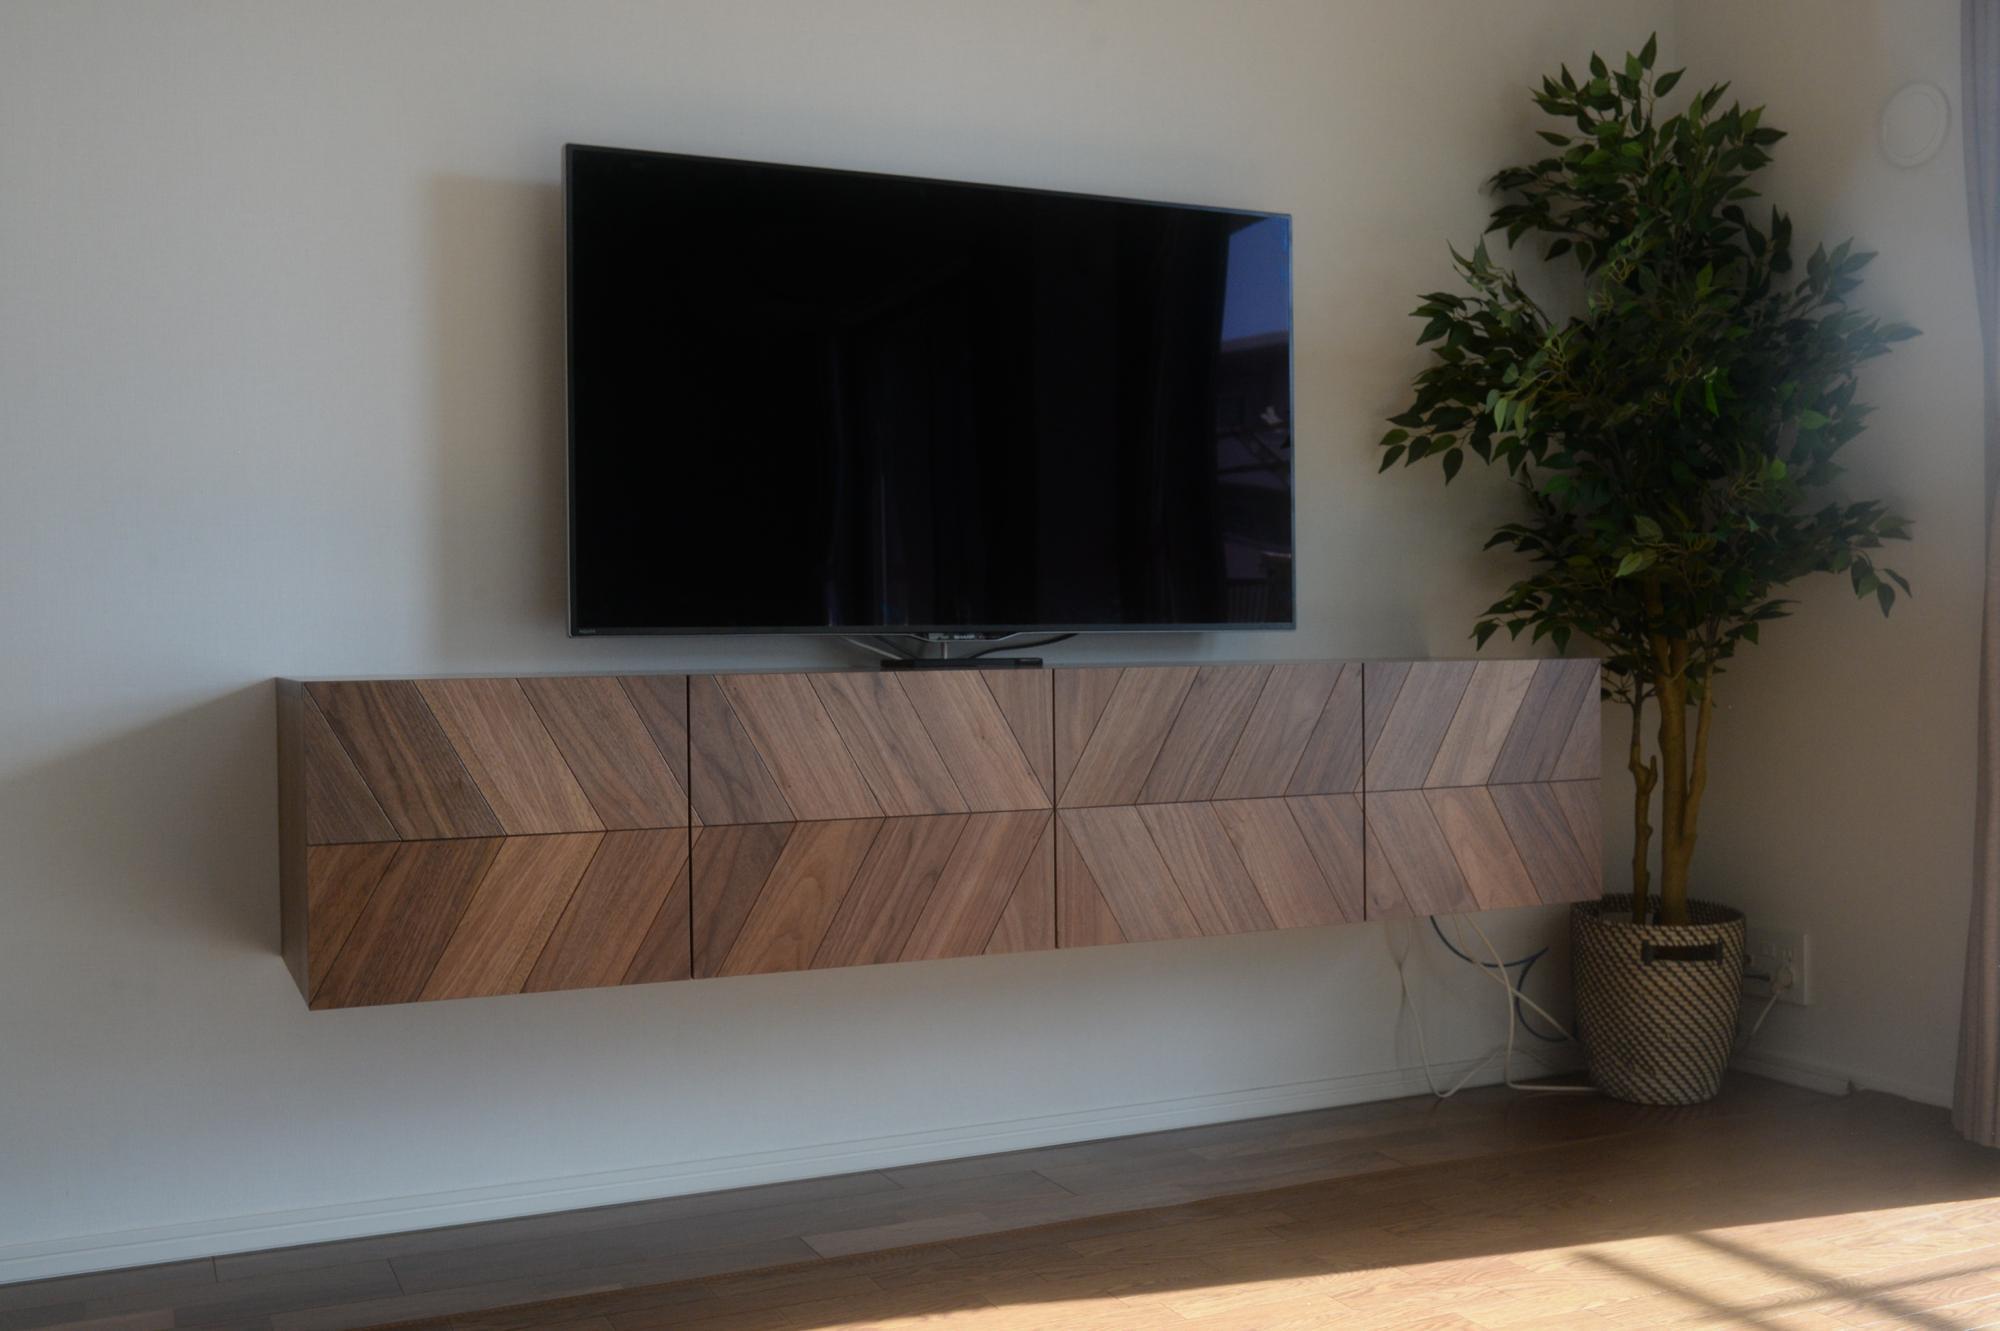 ヘリンボーン テレビボード オーダー家具